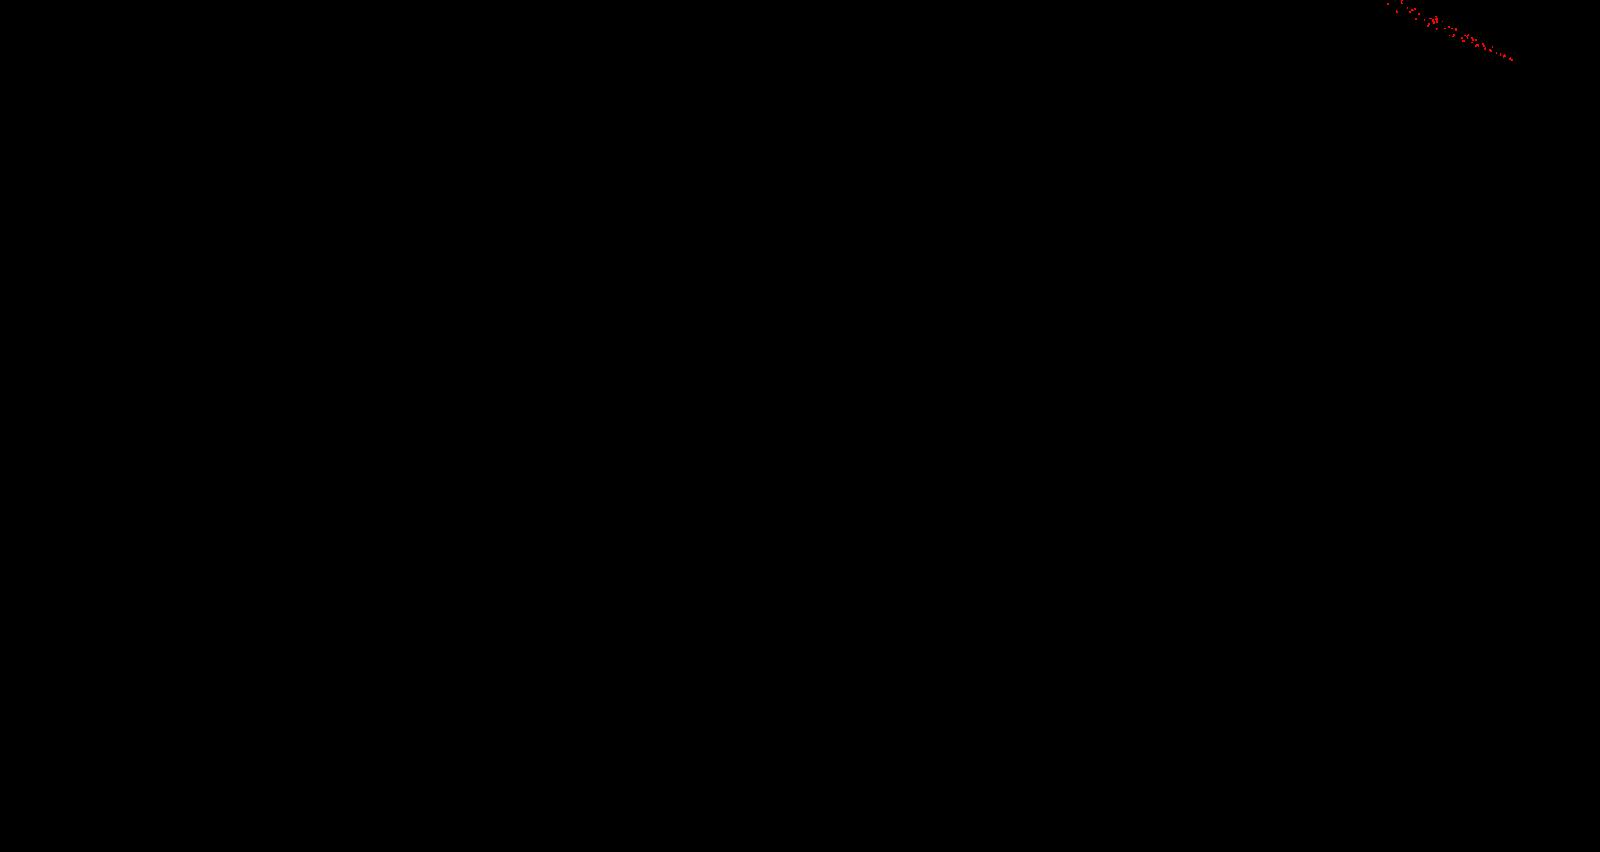 Khono logo